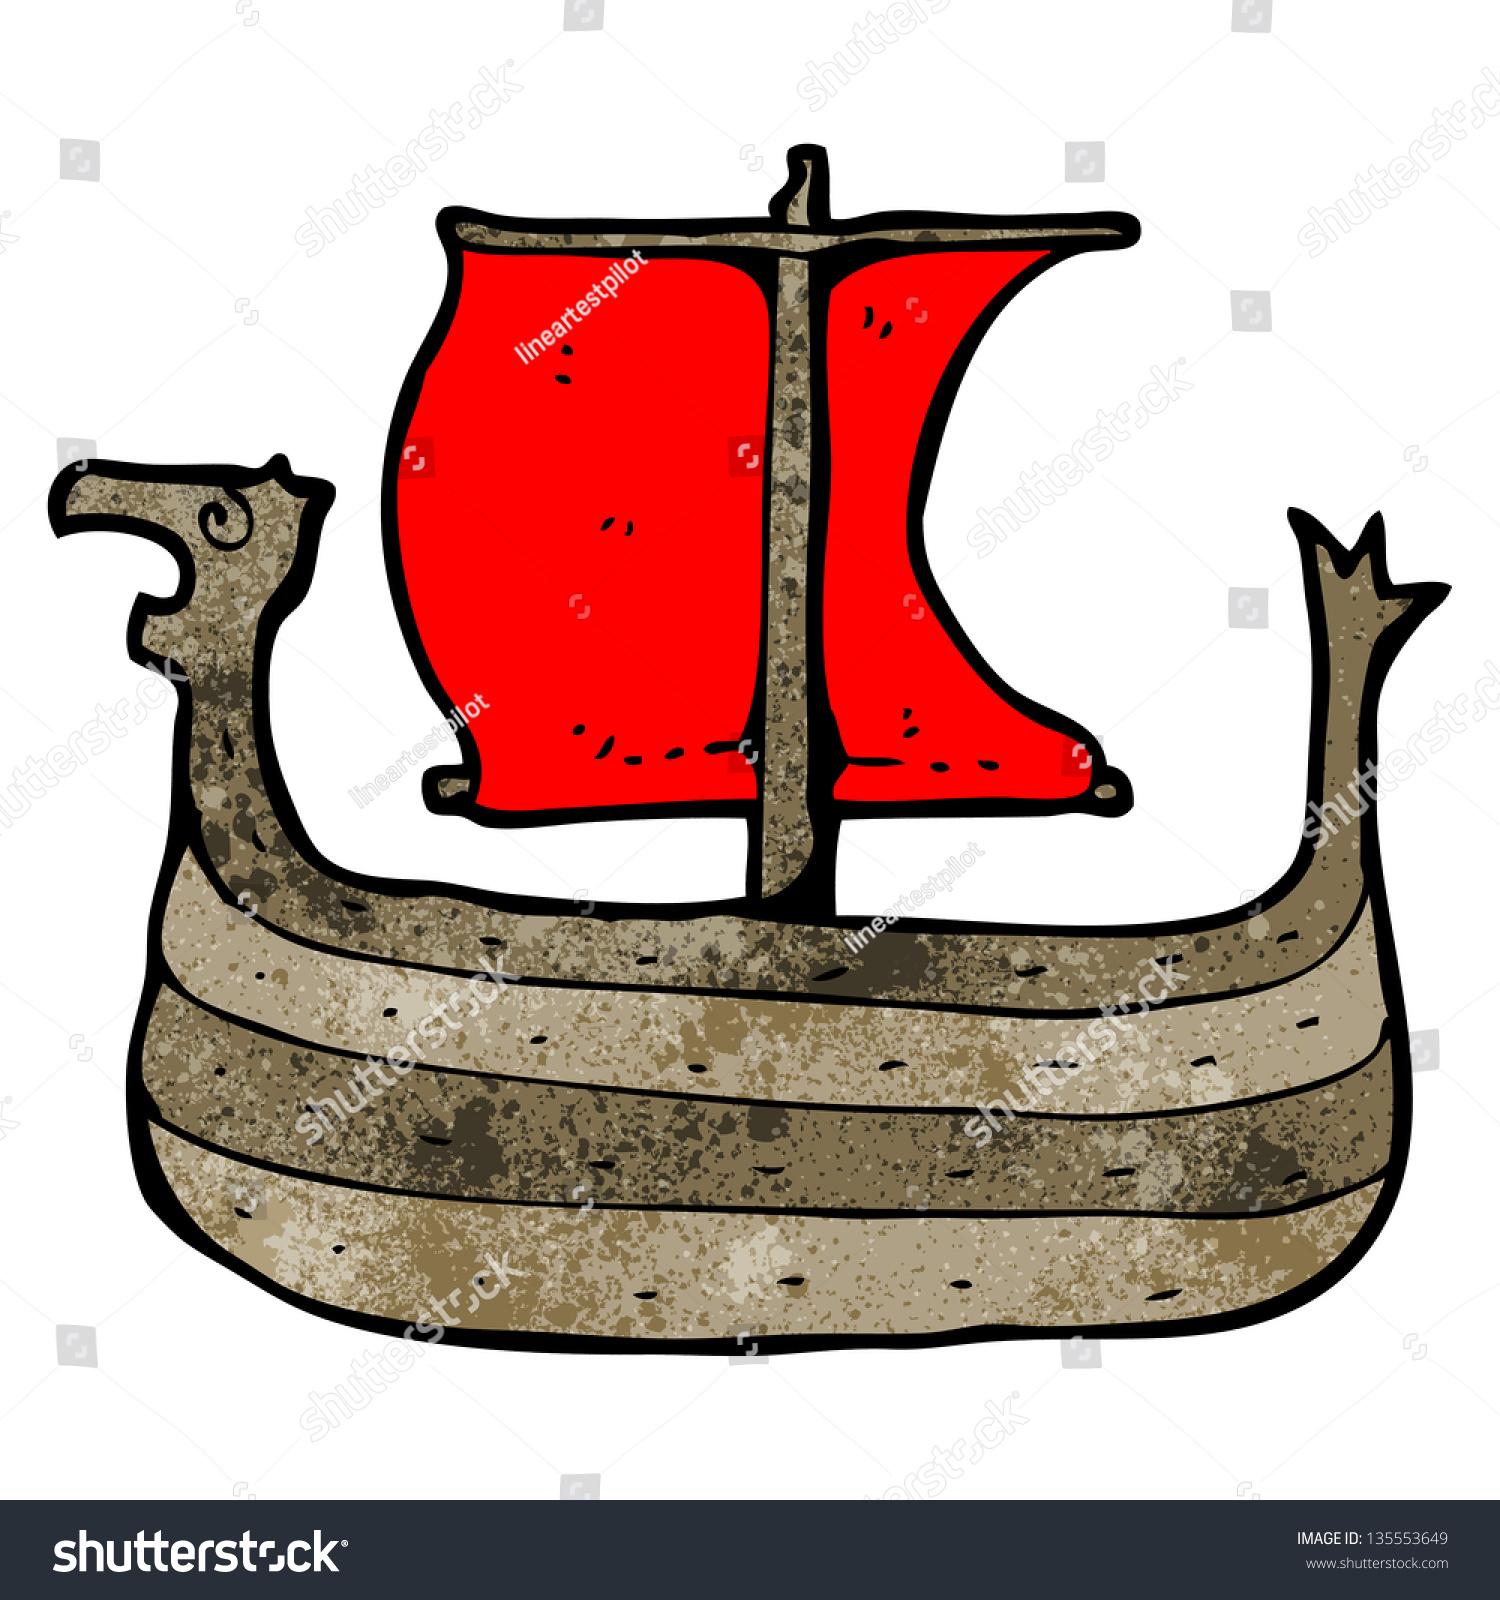 viking ship cartoon stock illustration 135553649 shutterstock